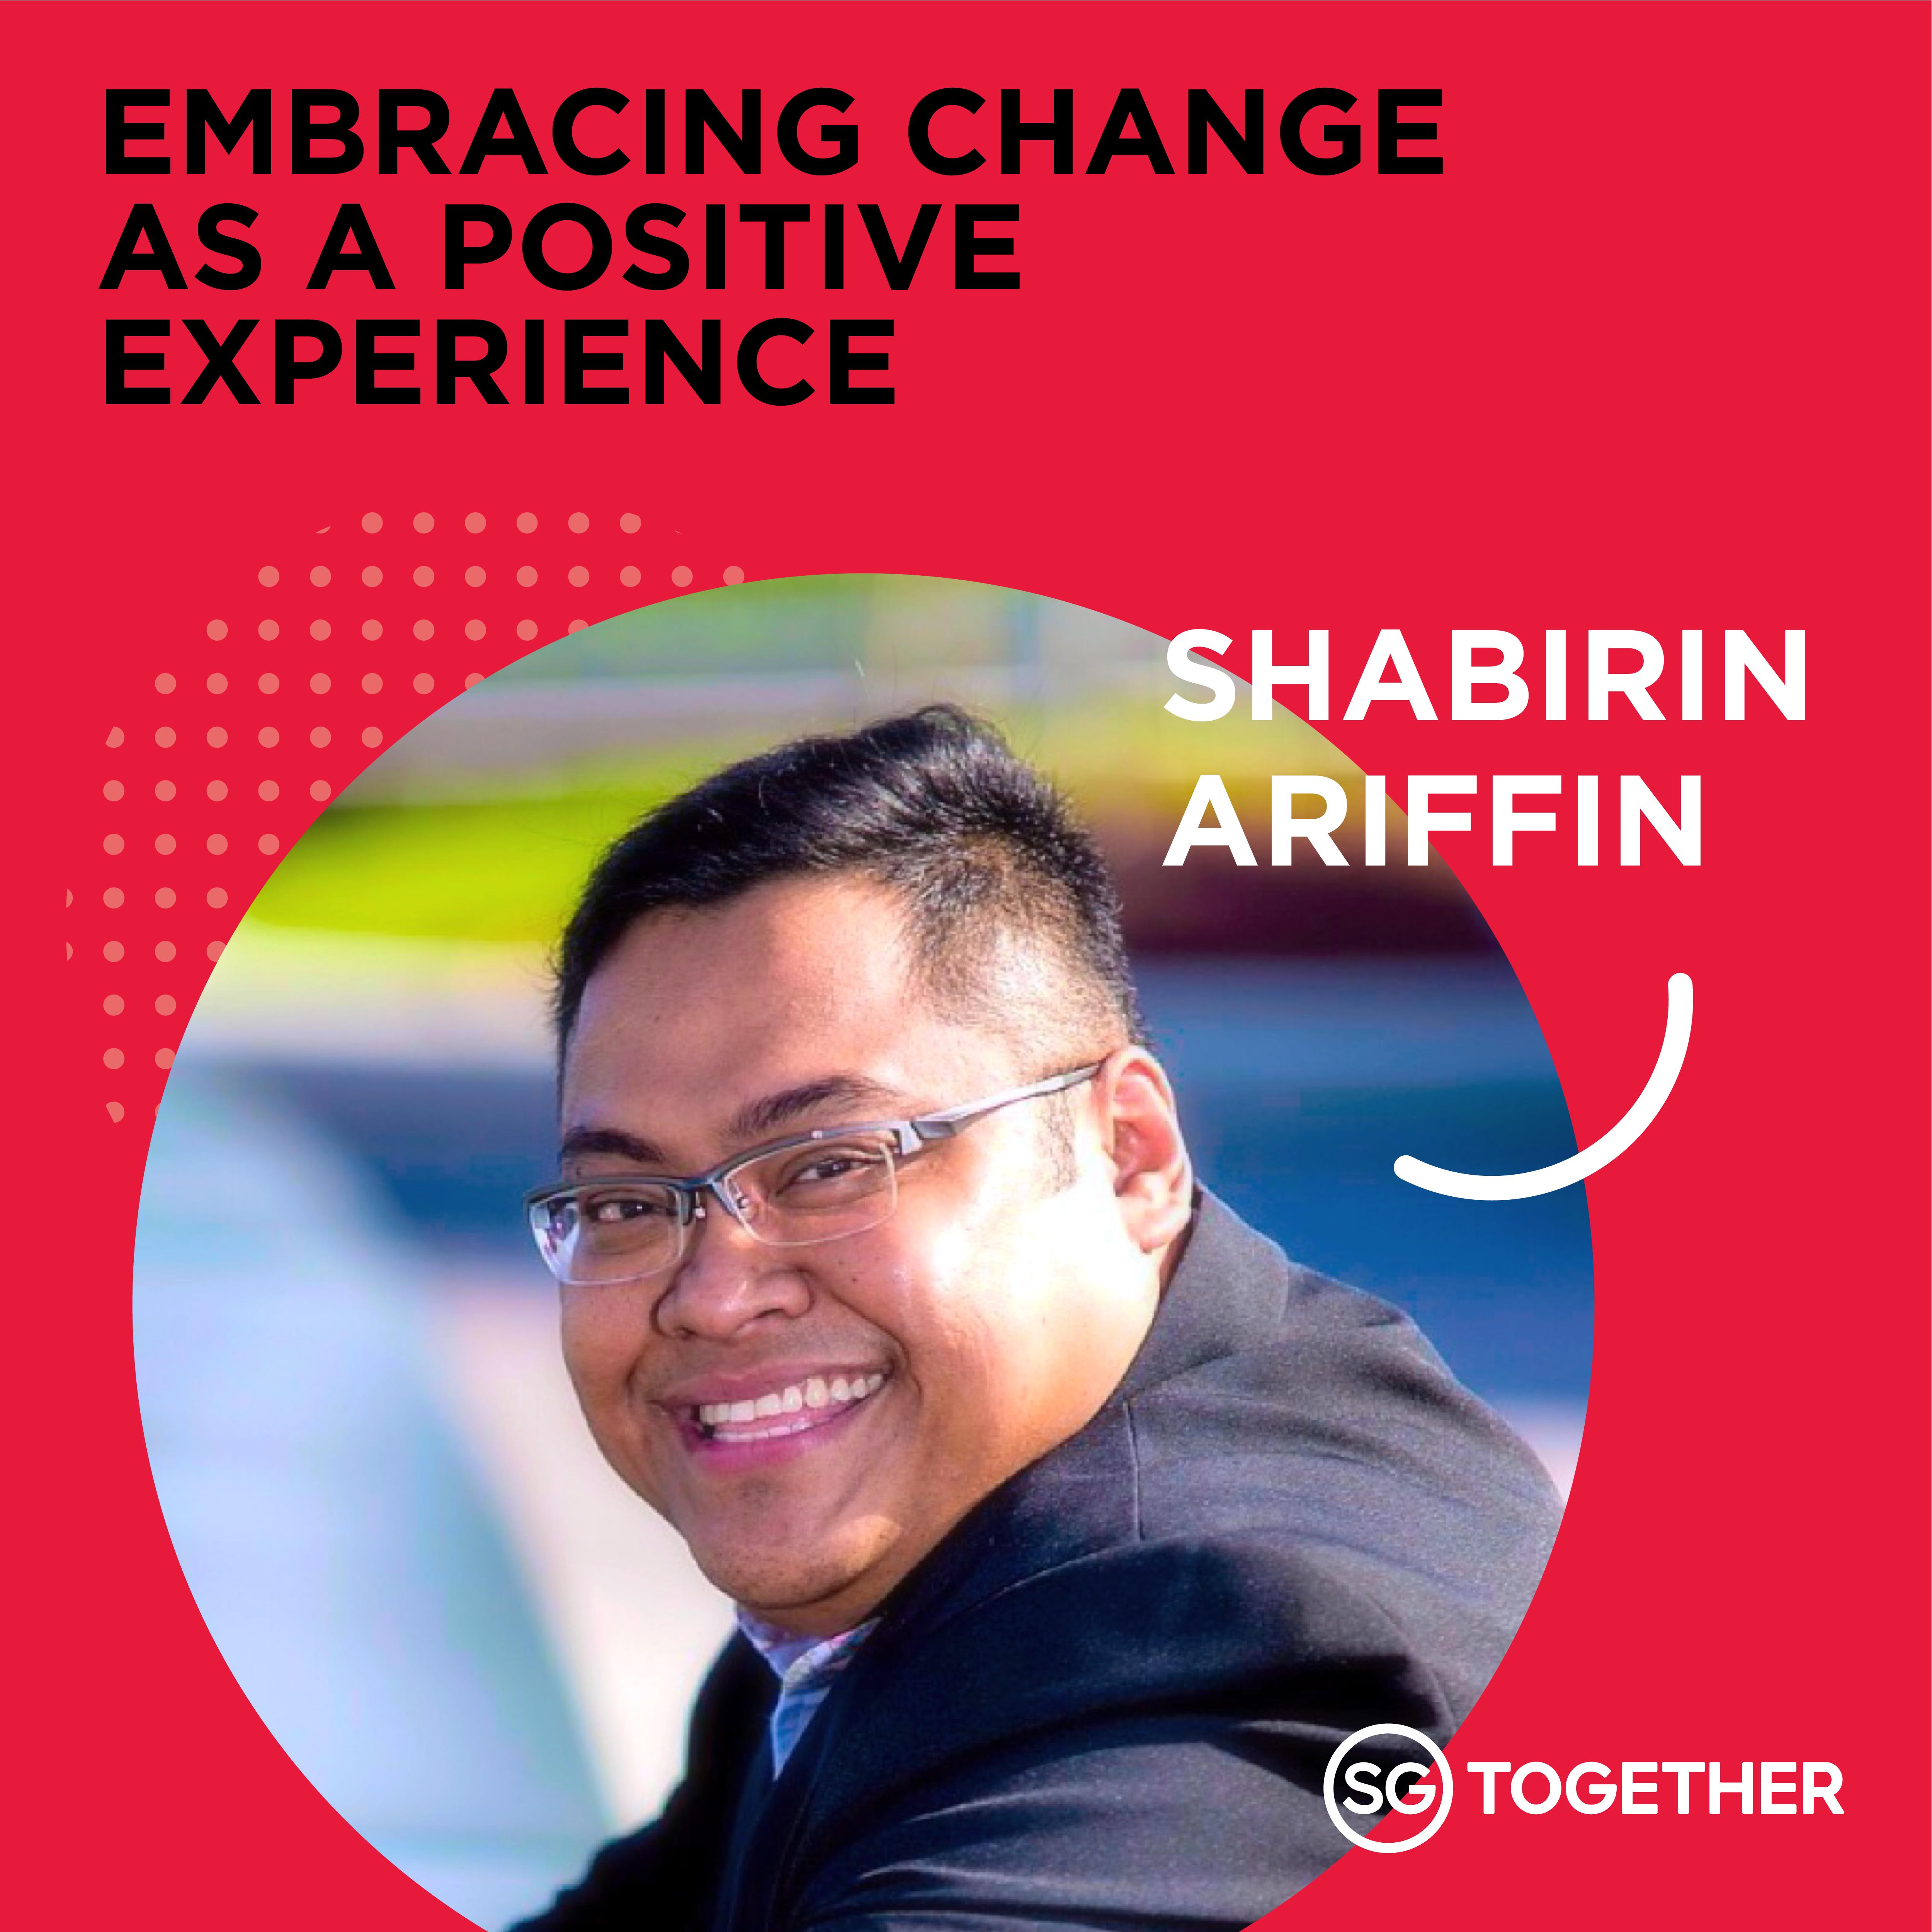 Shabirin Ariffin